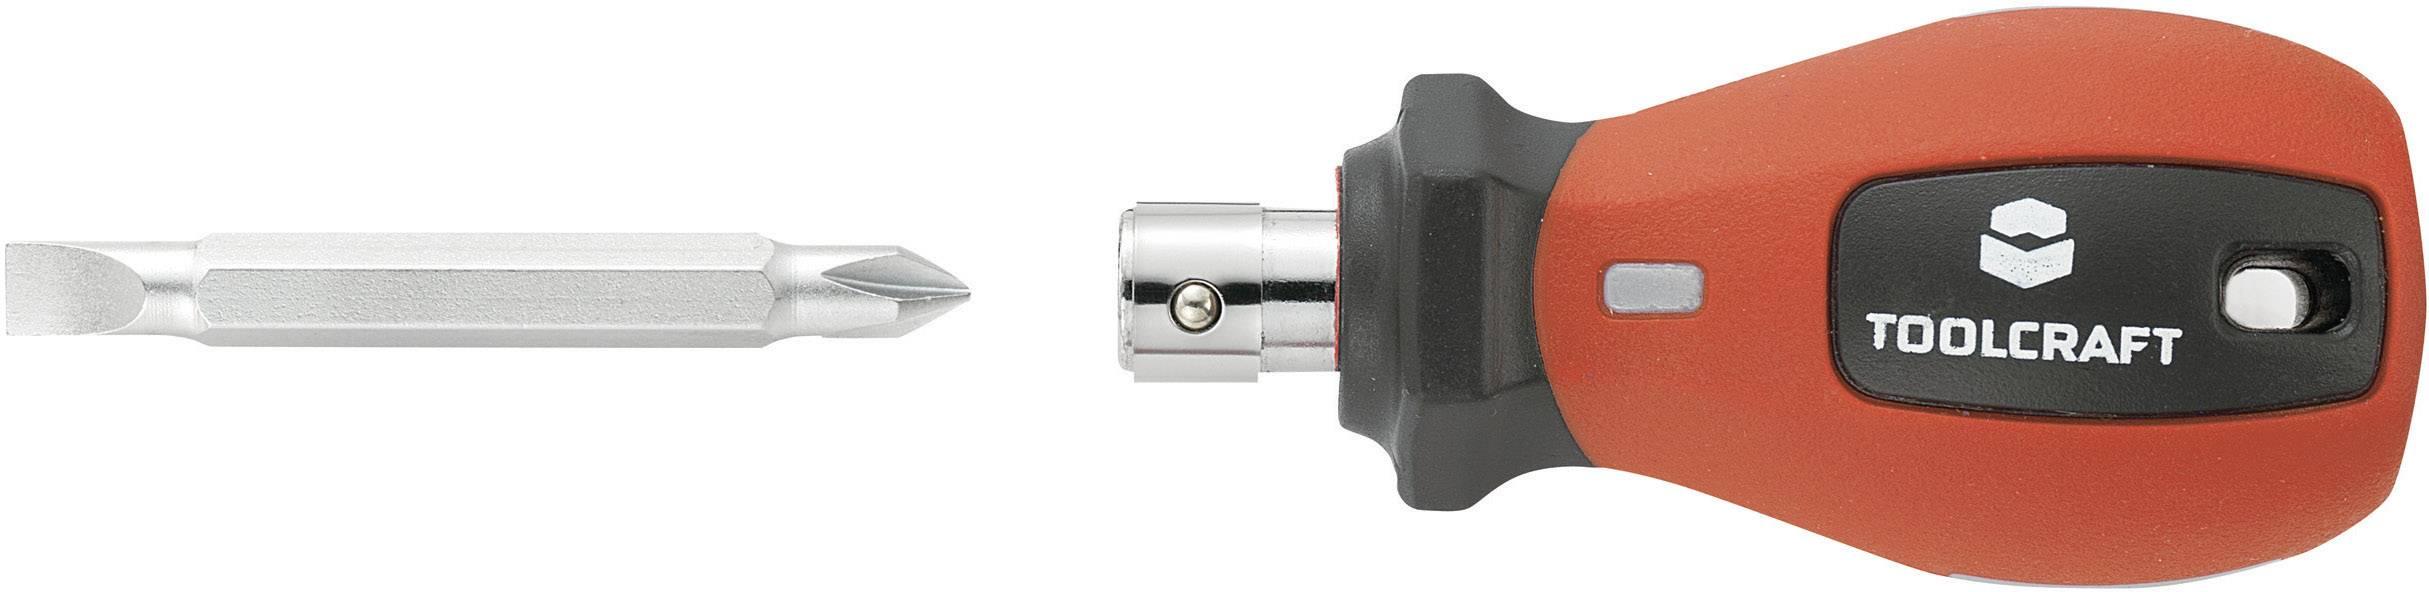 Šroubovák s vyměnitelným bitem plochý/křížový TOOLCRAFT, 100 mm